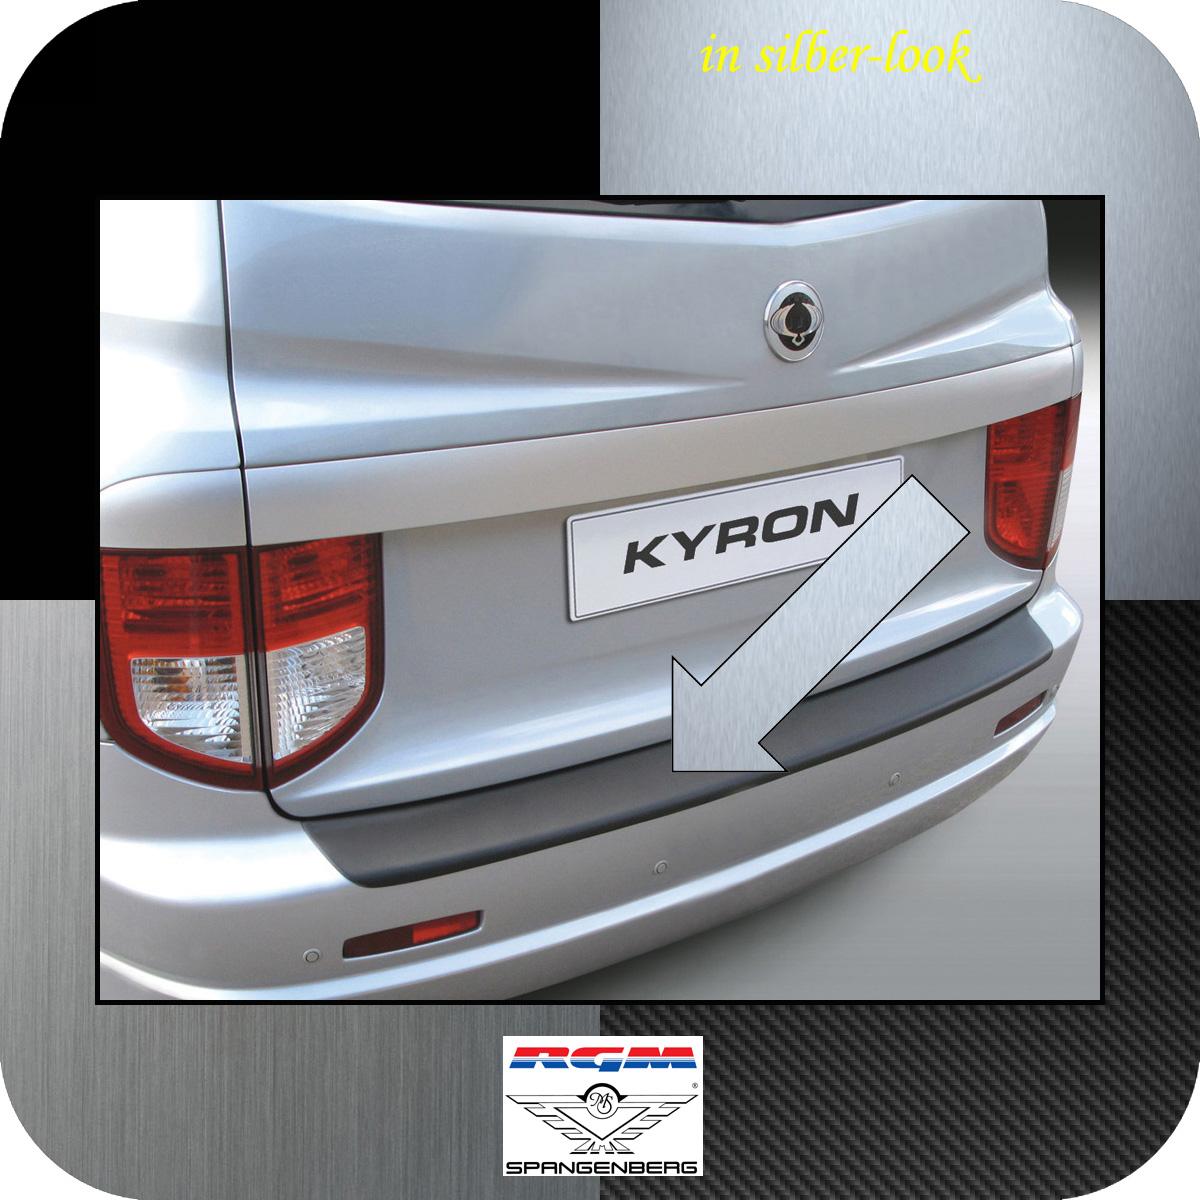 Ladekantenschutz Silber-Look SsangYong Kyron SUV vor facelift 2005-2007 3506150